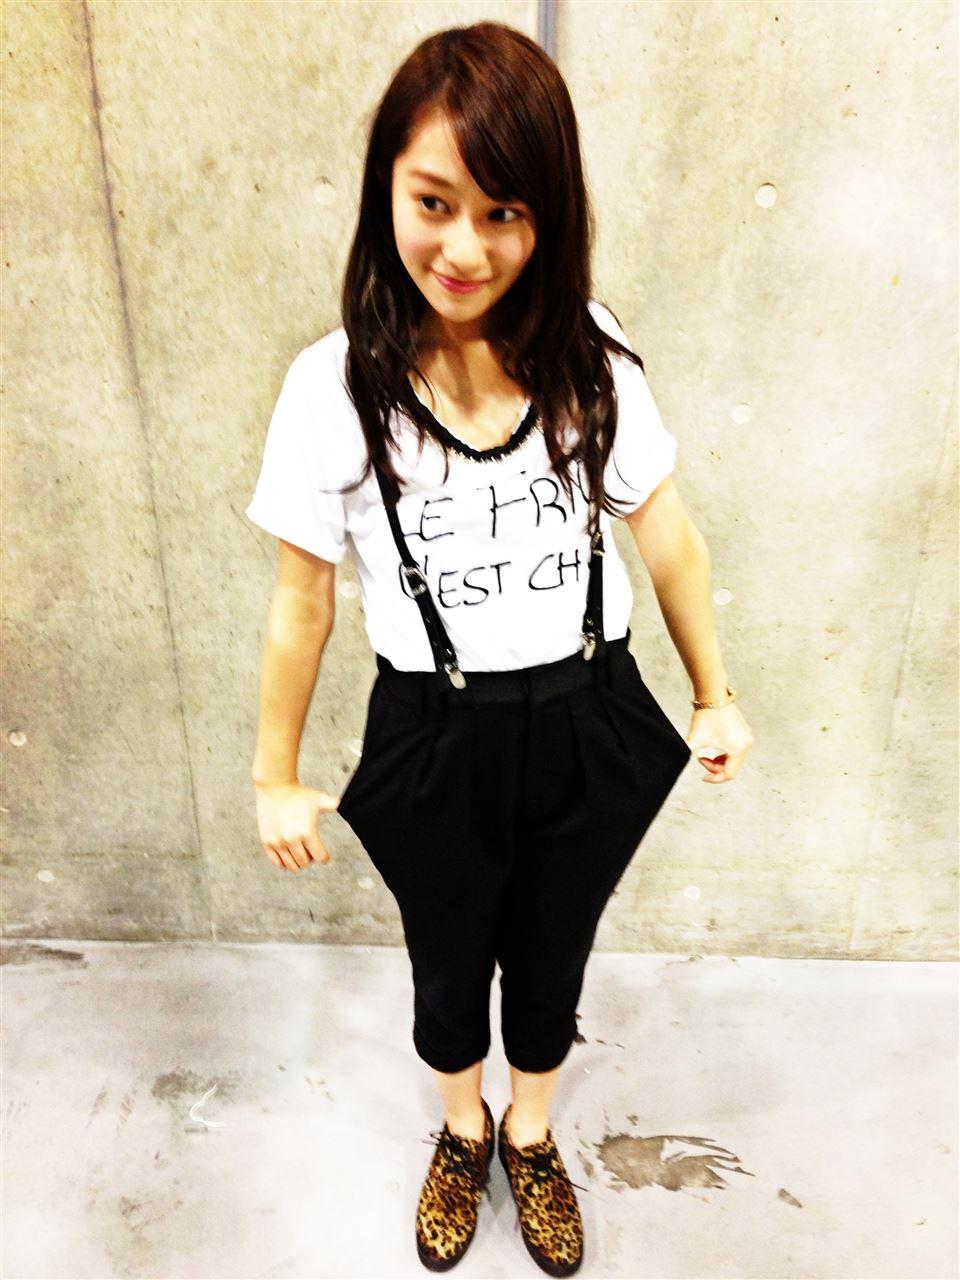 ウエストがきれいな桜井玲香さん